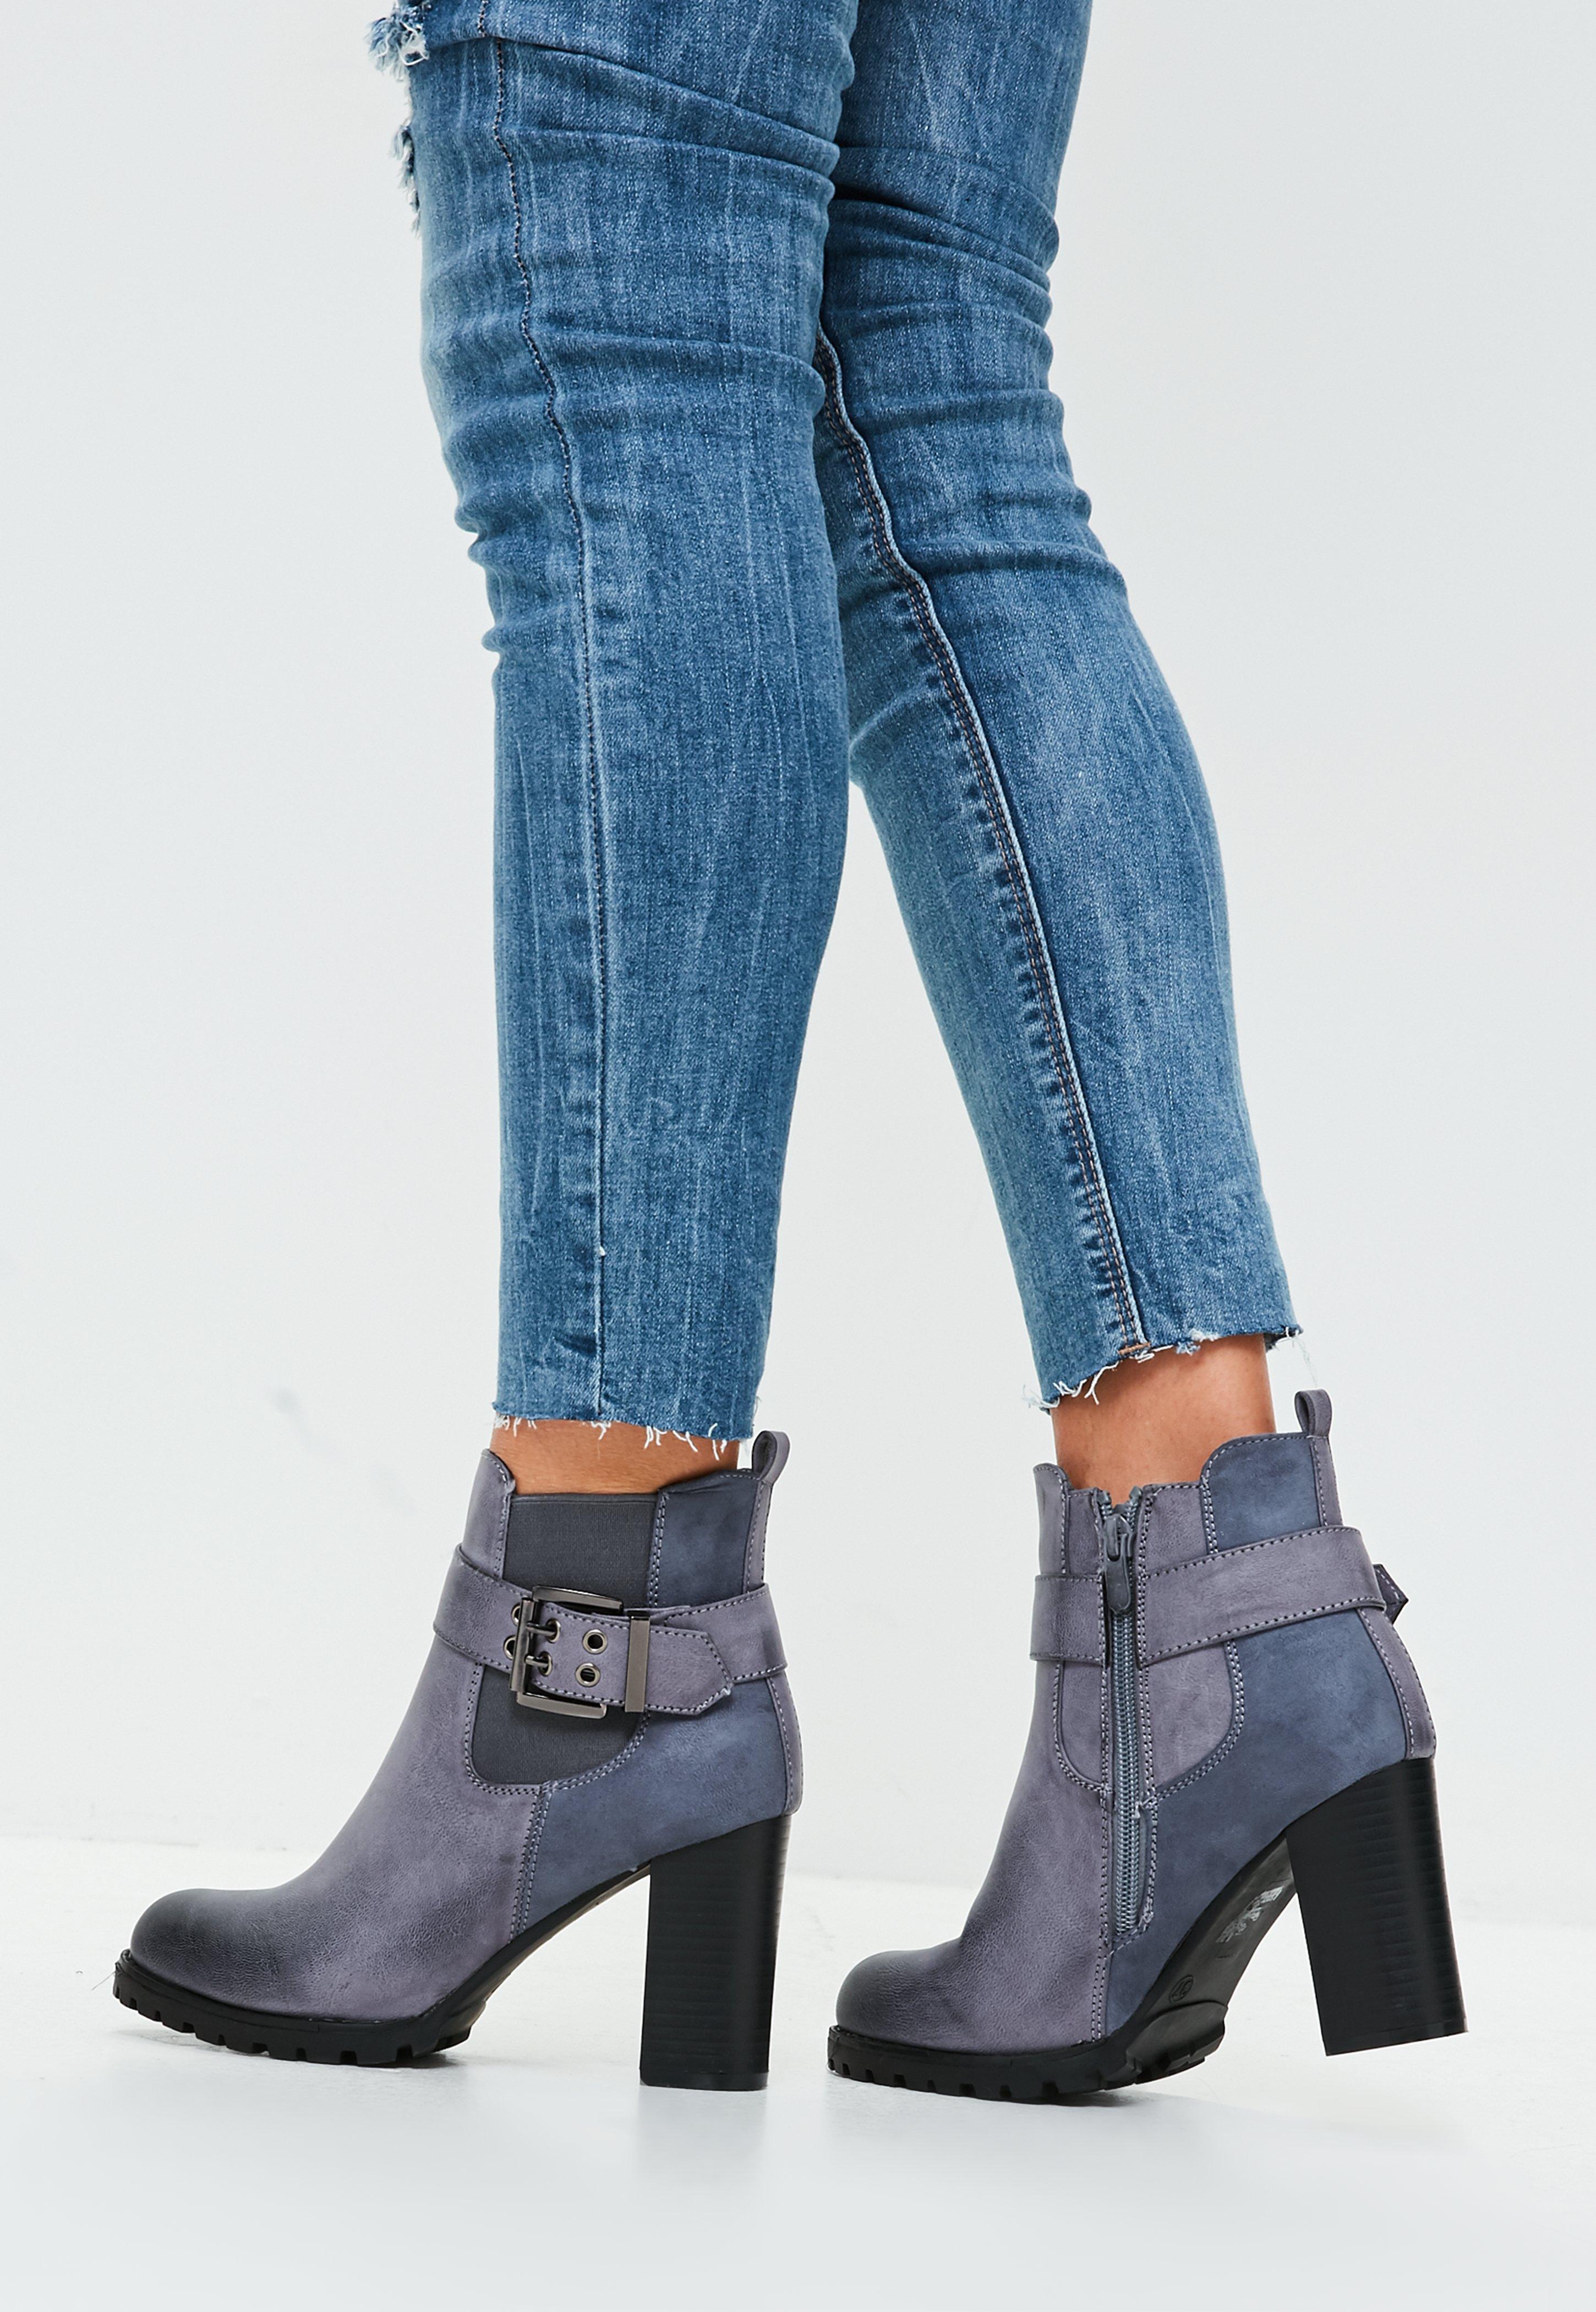 bottine à talon | boots & bottes à talons femme - missguided